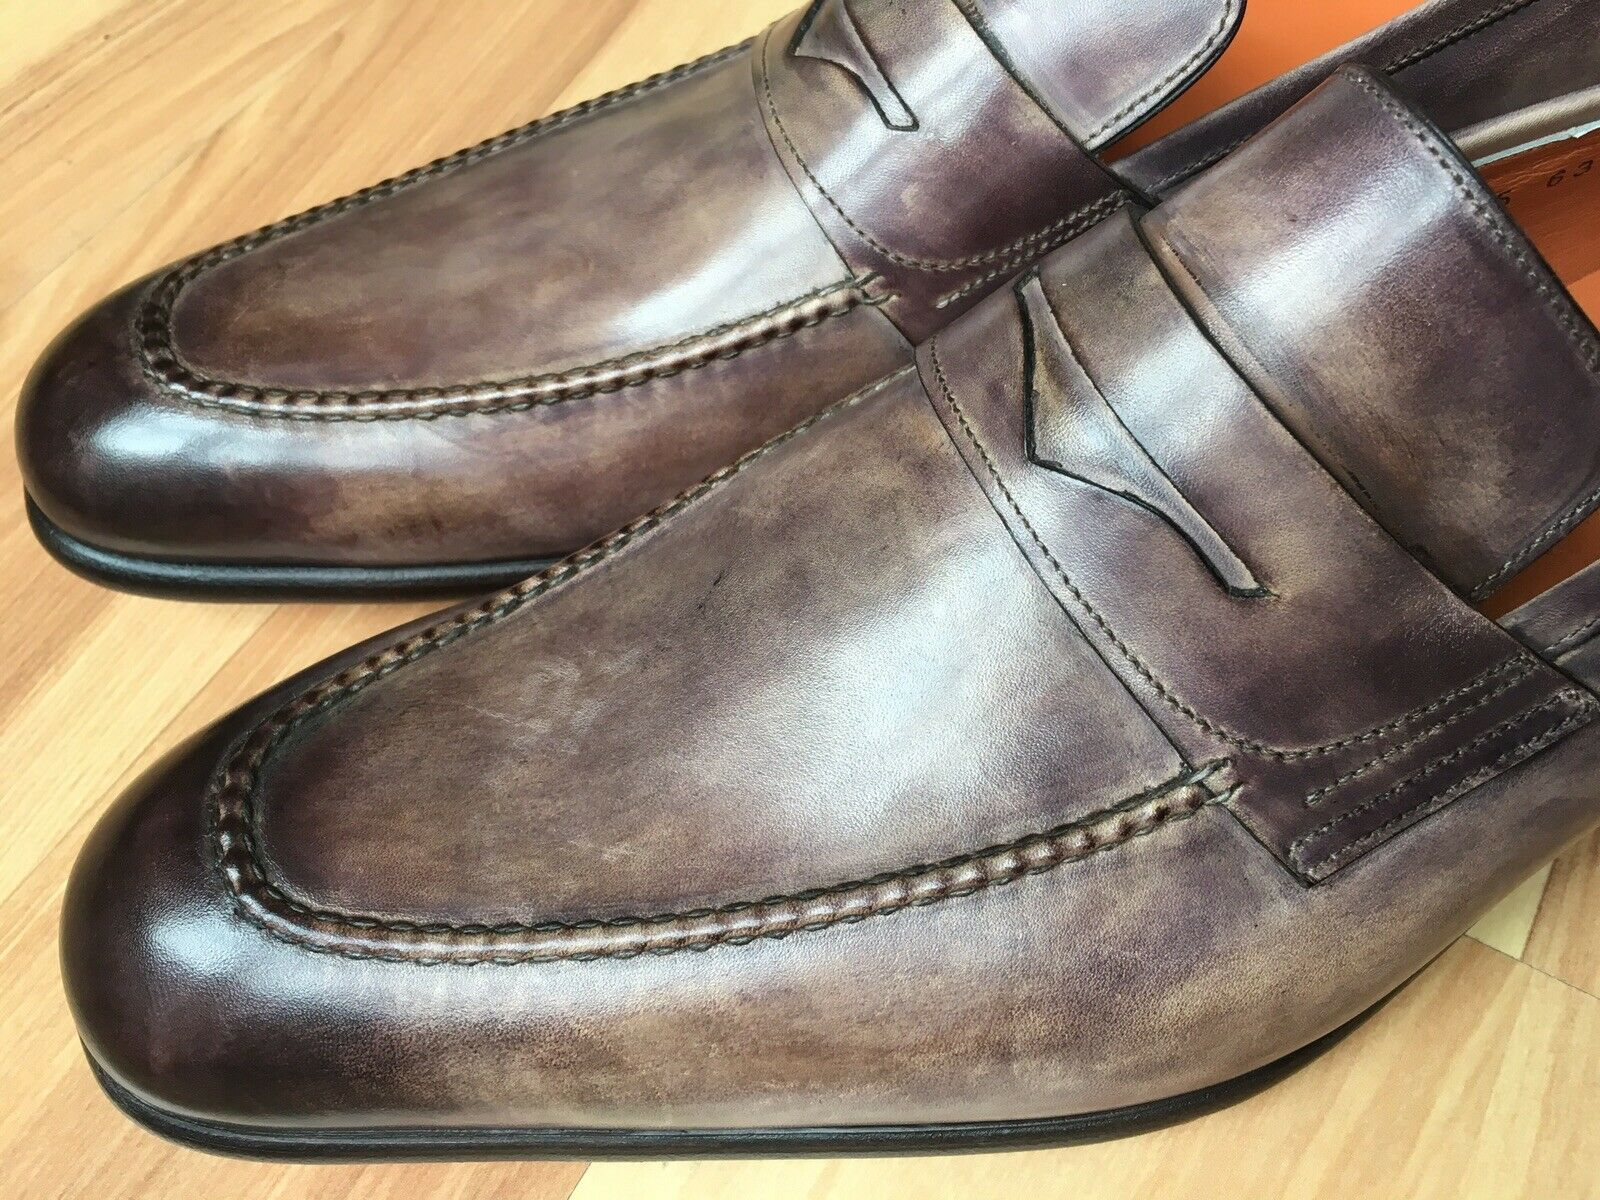 ec00994f Santoni 'Fatte un Mano' PENNY De Cuero Marrón 9.5 Reino Unido (11 US)  Mocasines nbjsqb9269-Zapatos de vestir